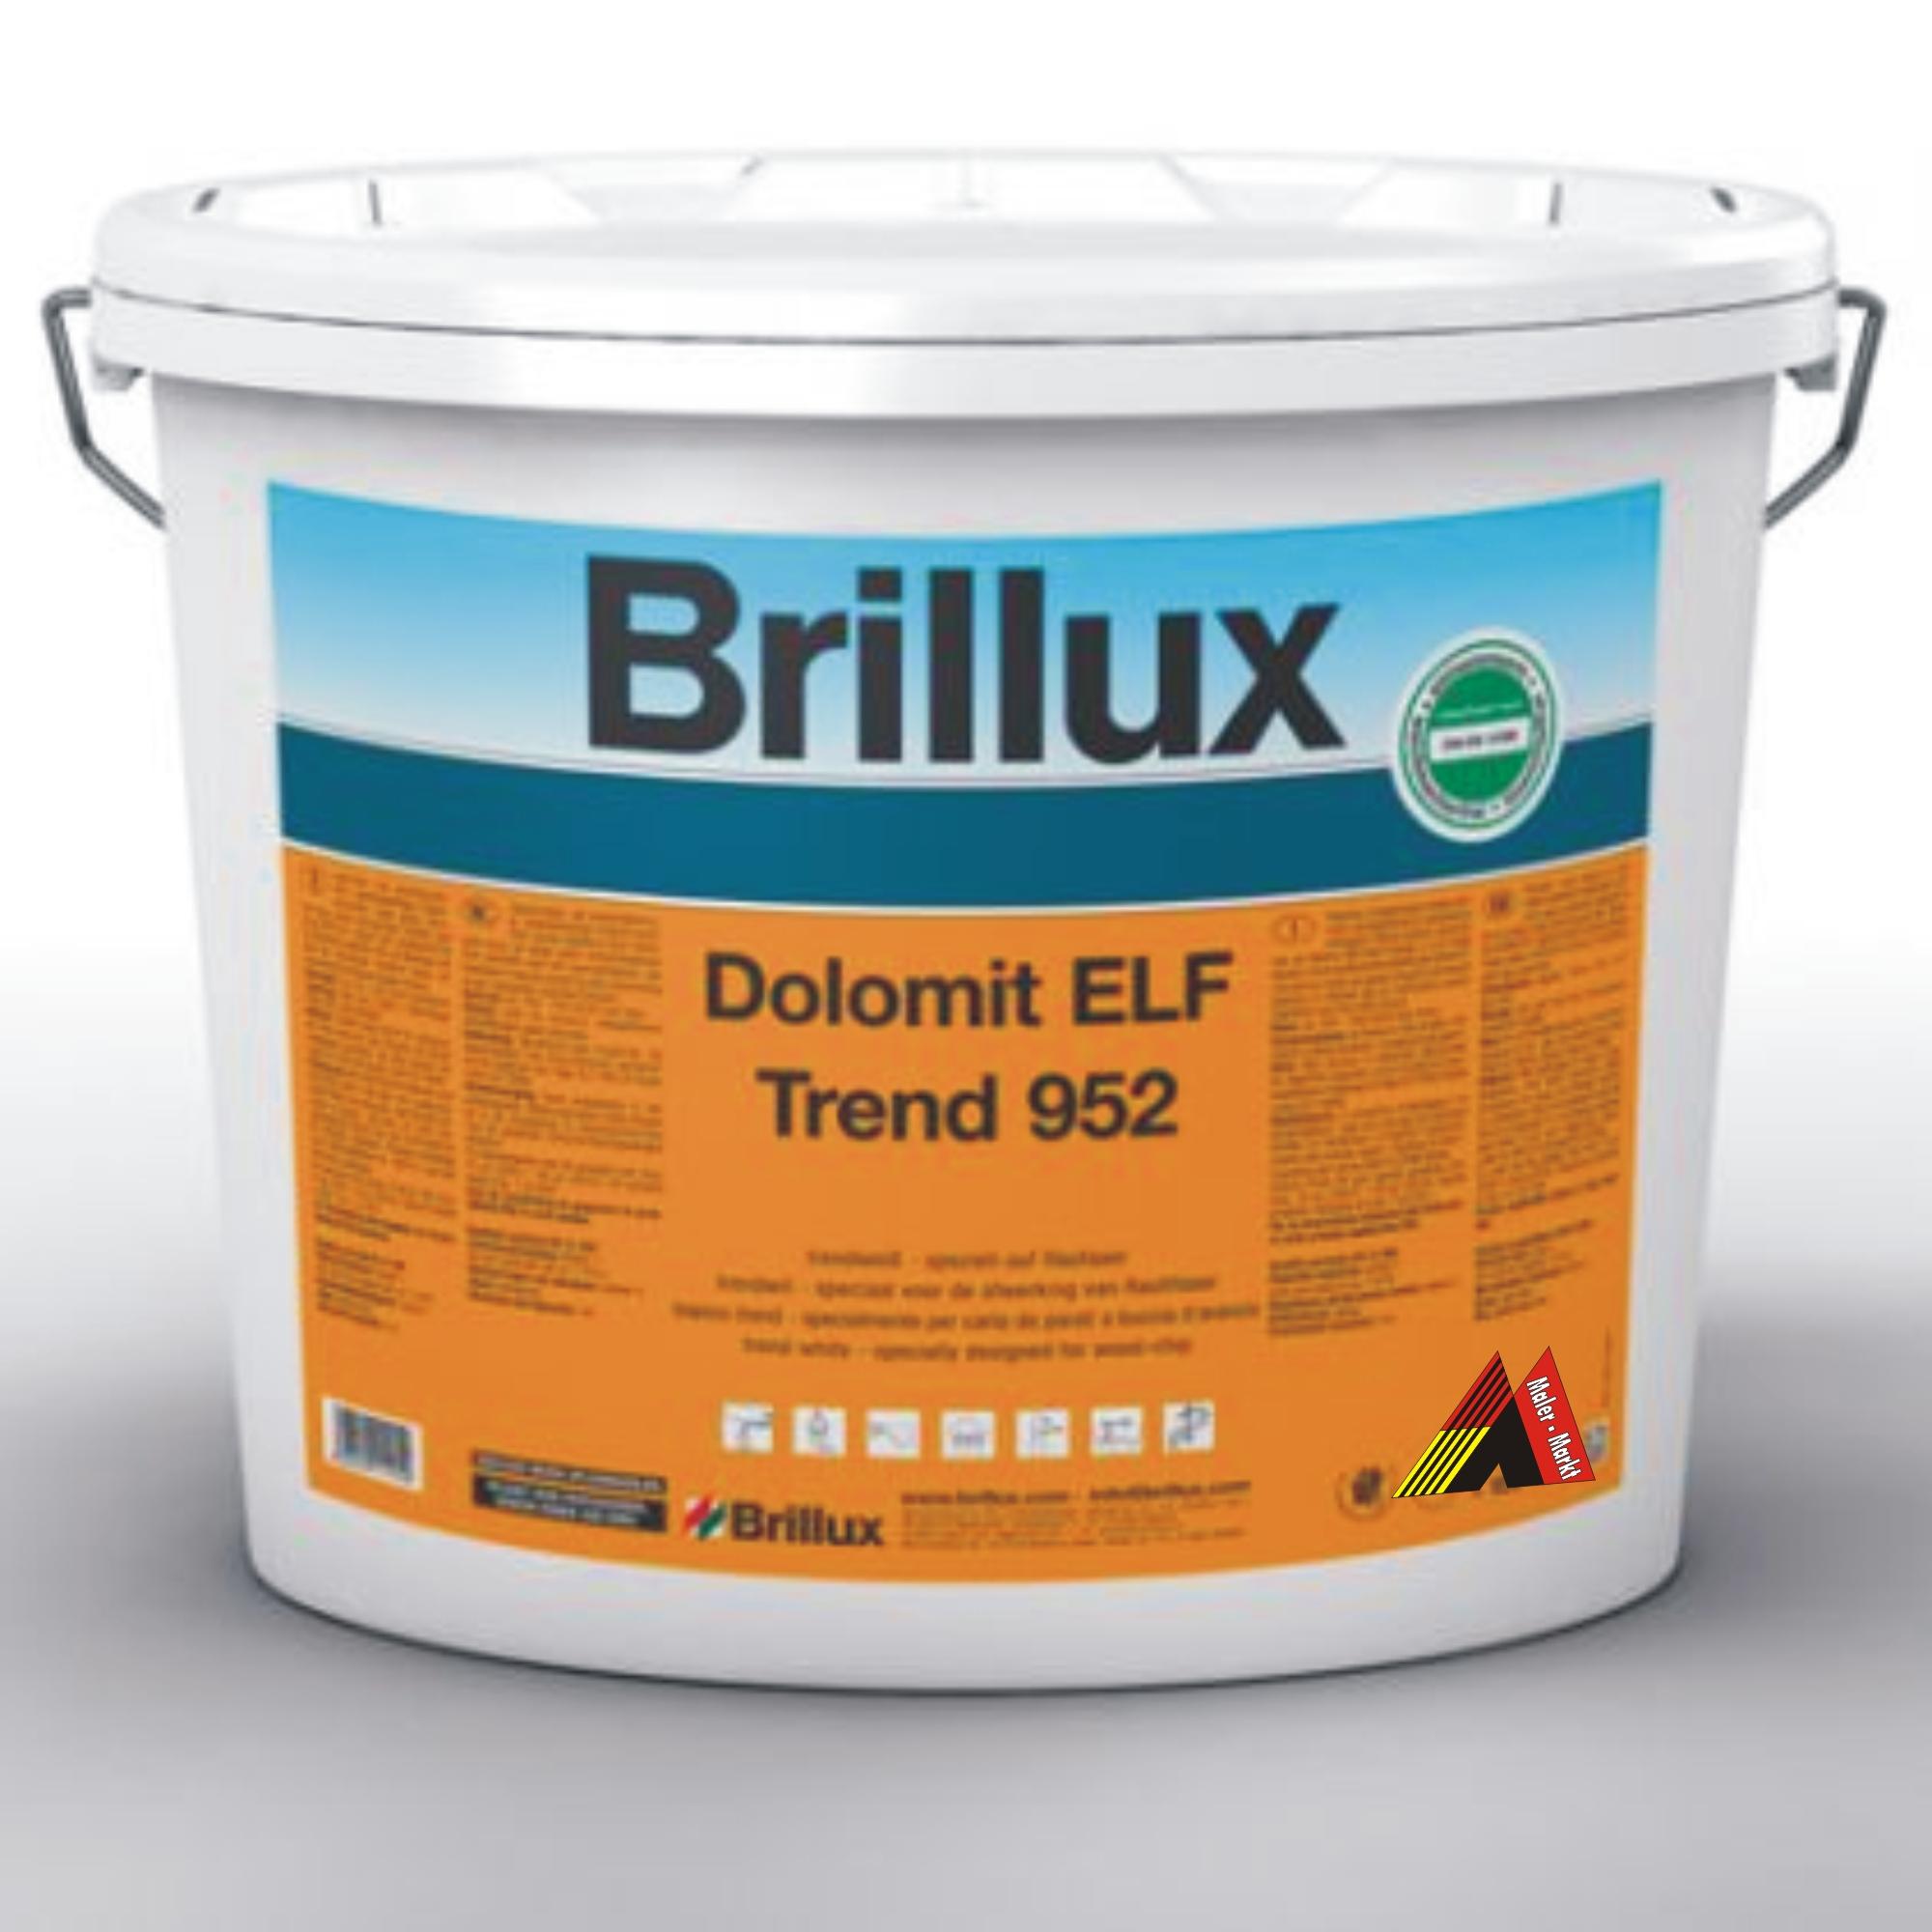 brillux dolomit elf trend 952 15 liter euro pro. Black Bedroom Furniture Sets. Home Design Ideas